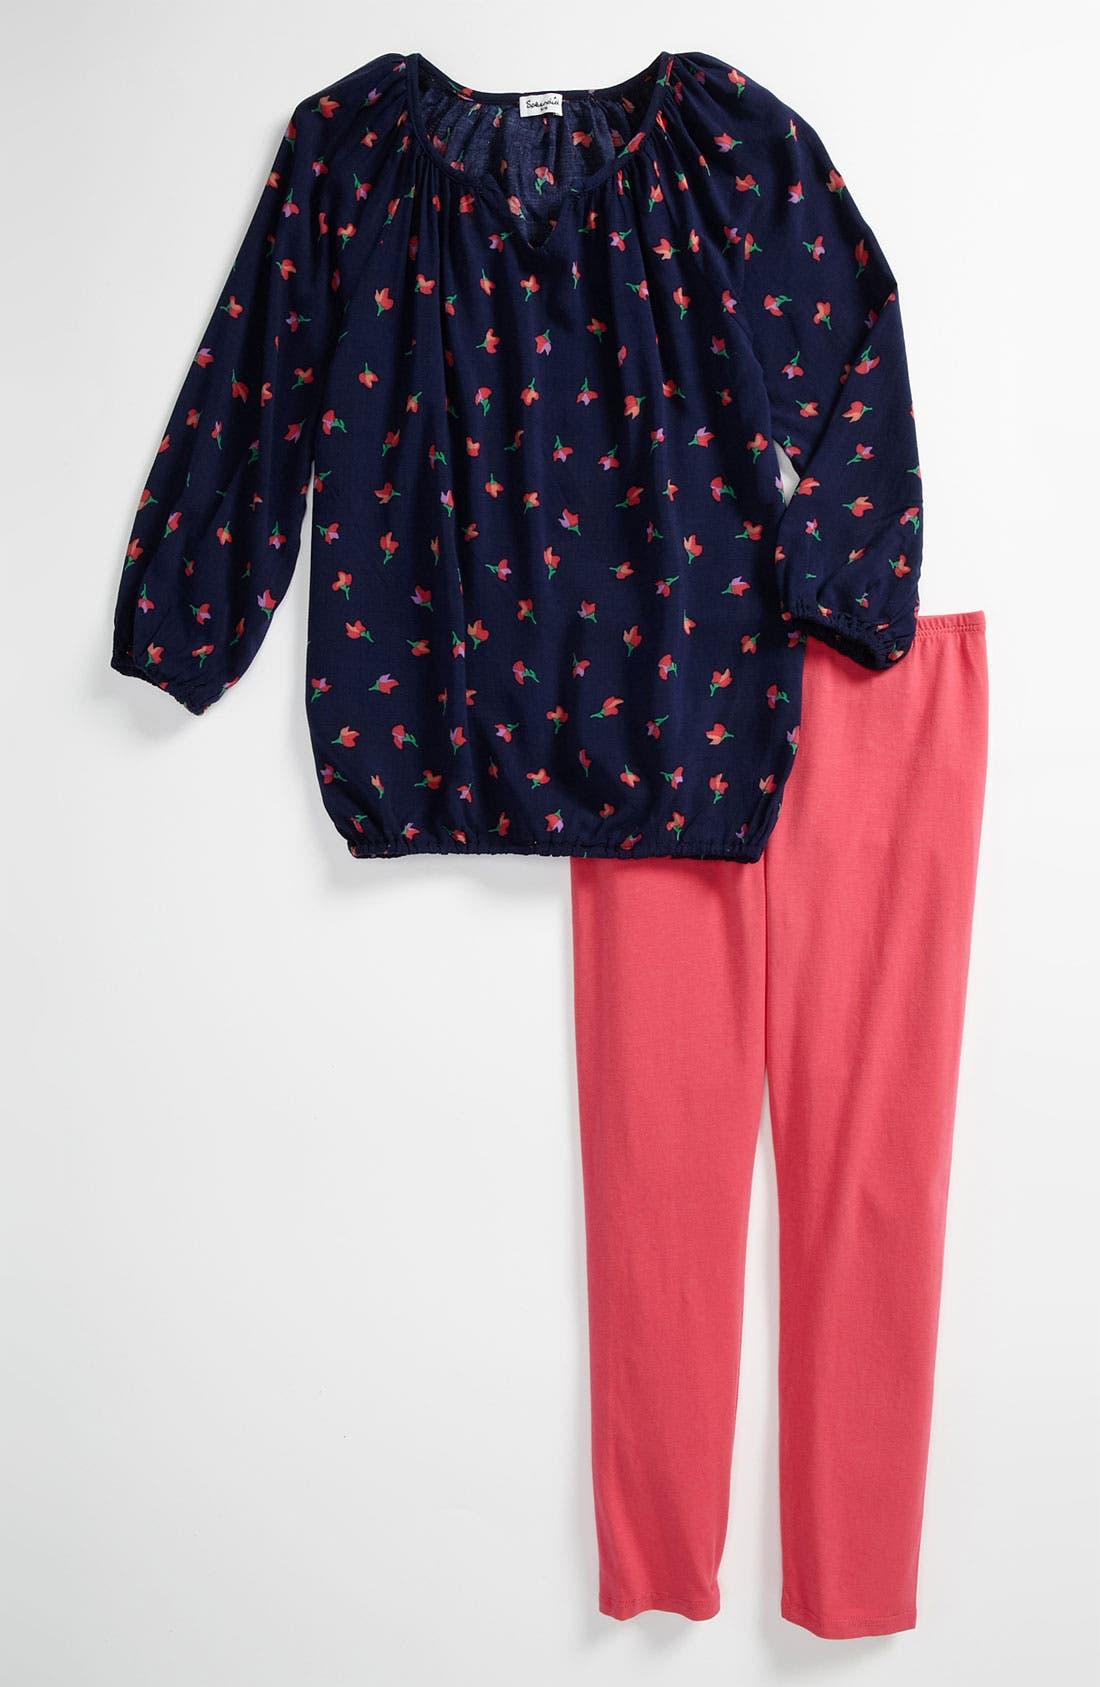 Alternate Image 1 Selected - Splendid 'Parisian Tulip' Tunic & Leggings (Little Girls)